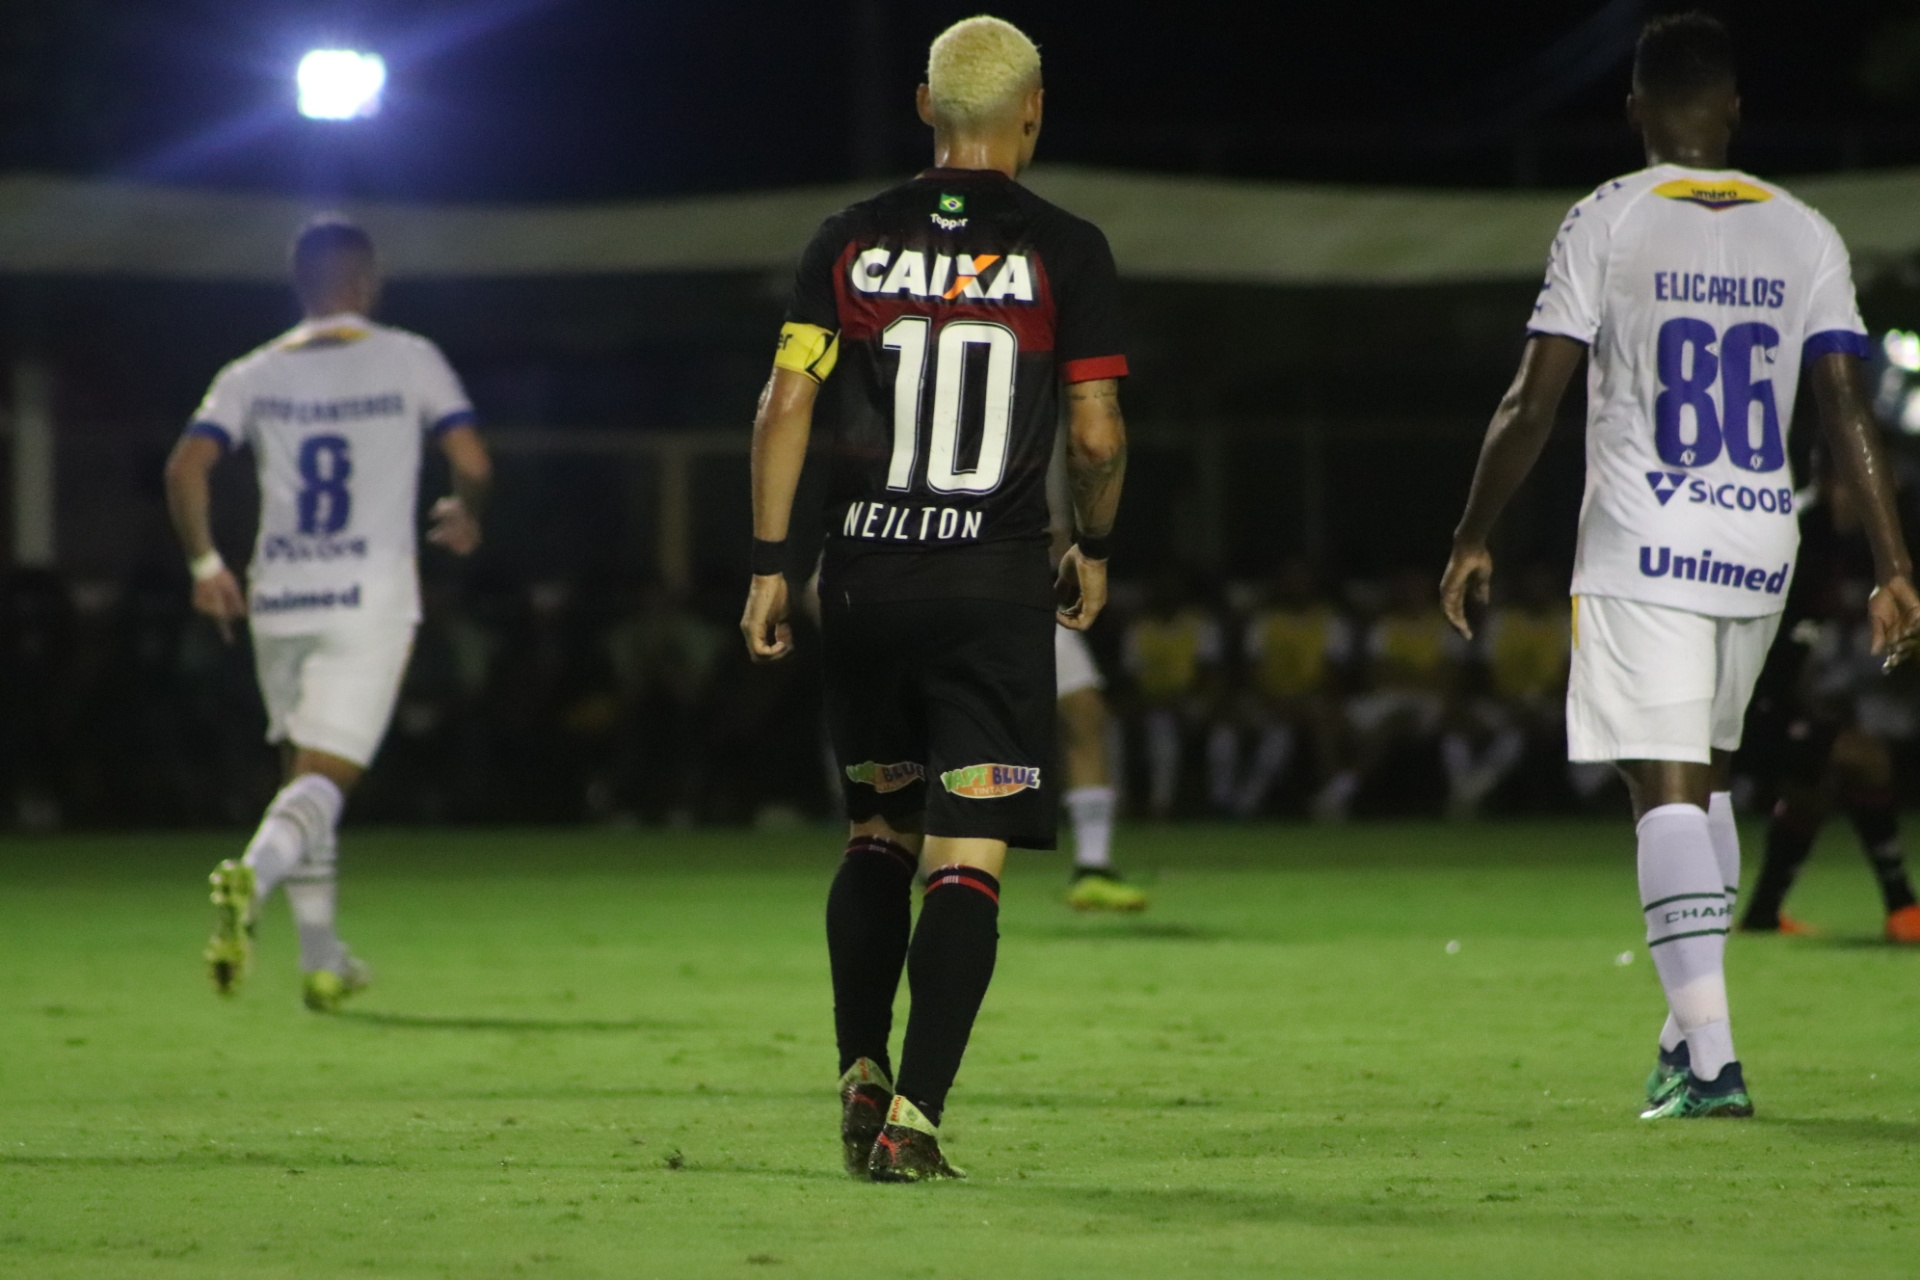 Vitória bate Chape com gol de Neilton e se afasta das últimas colocações -  06 06 2018 - UOL Esporte dba4ec6a7563d